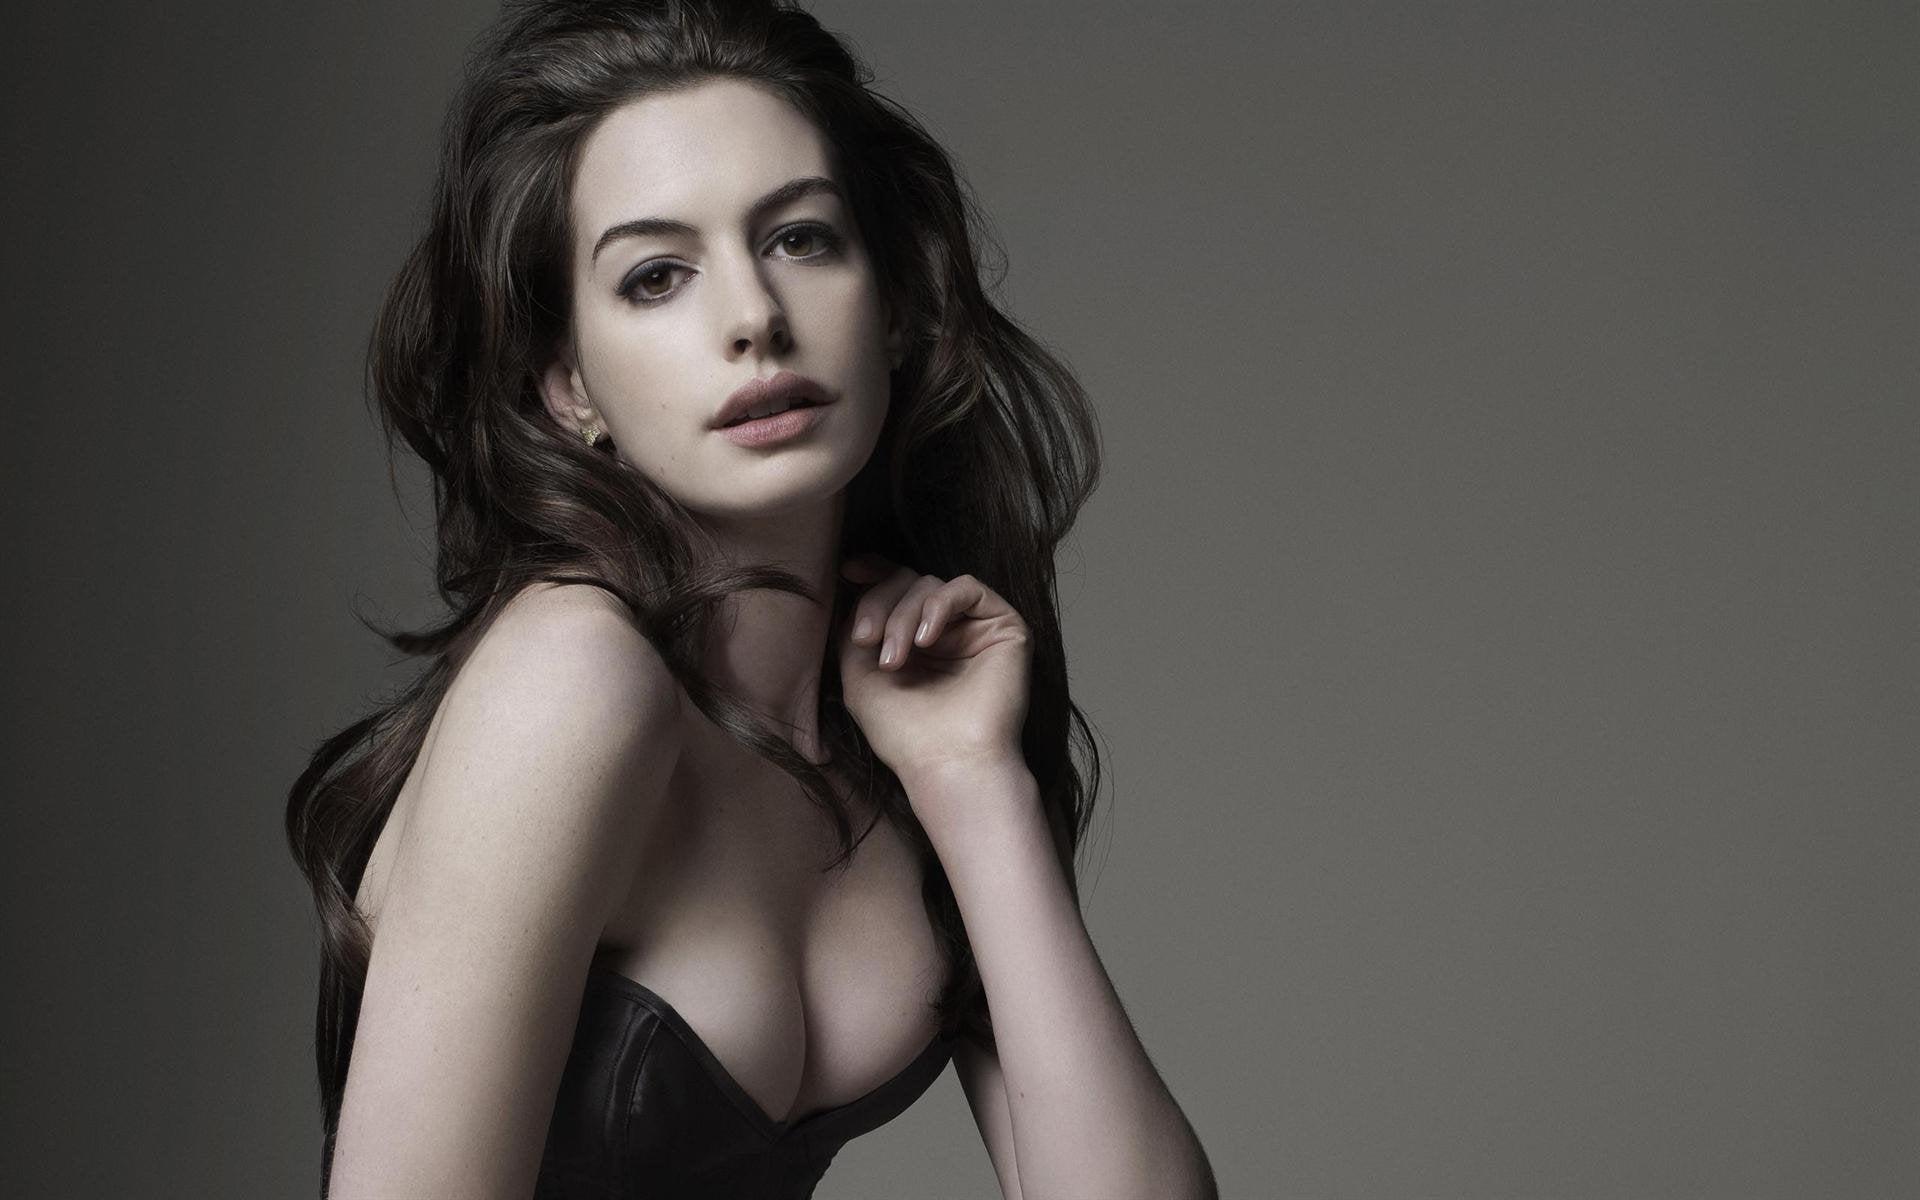 Nữ thần Hollywood có vòng 1 đẹp hoàn hảo tới mức bị nghi là hàng 'fake' - Ảnh 3